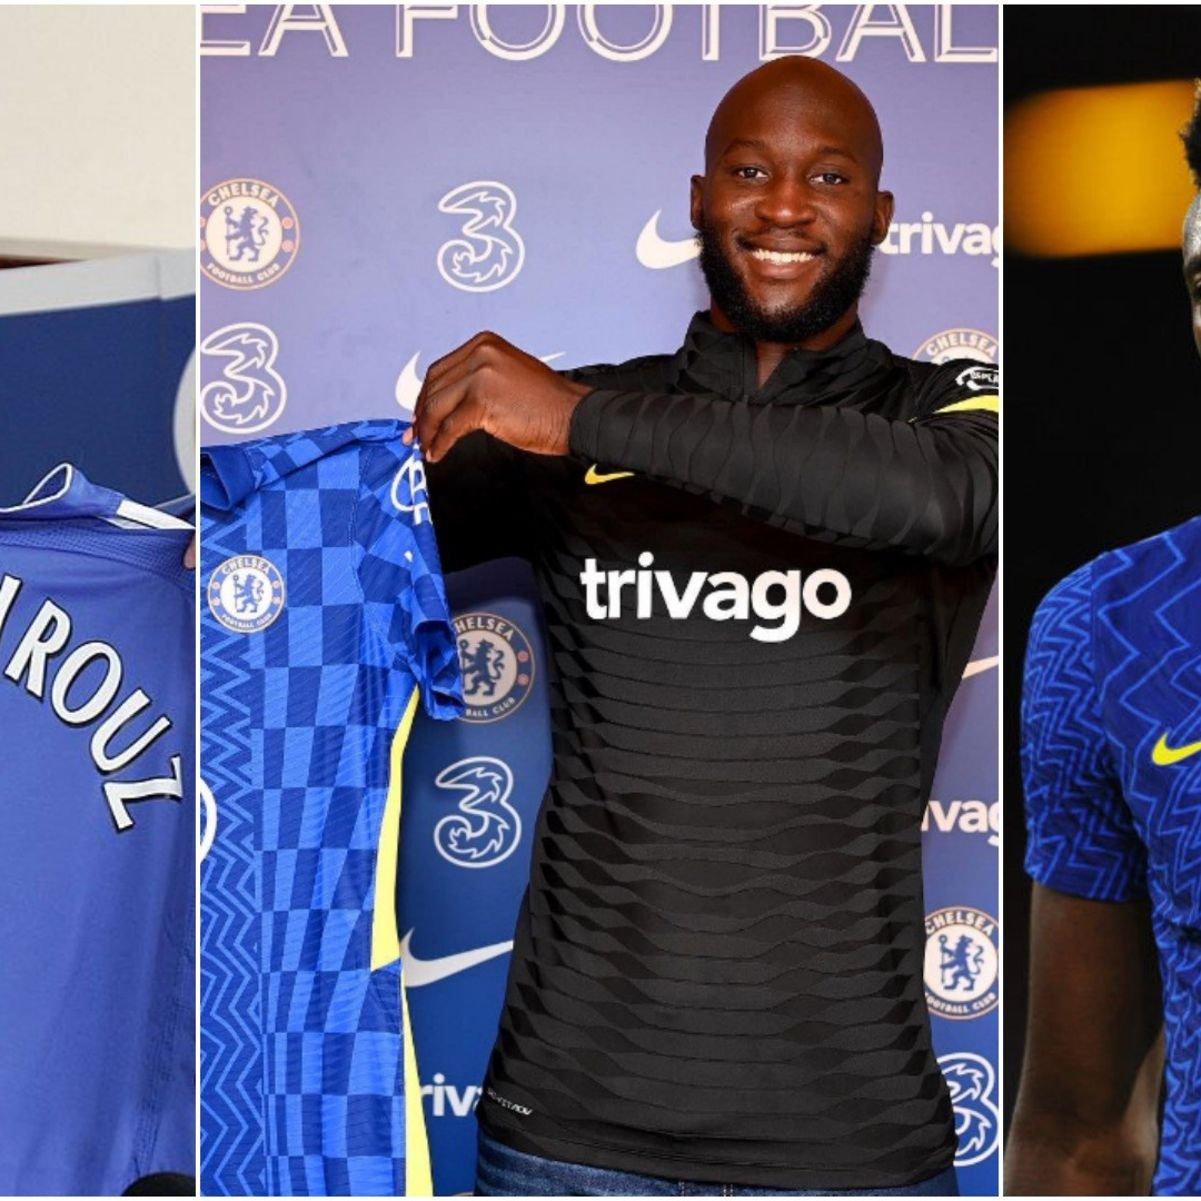 Romelu Lukaku: Will striker break the curse of Chelsea's No. 9 shirt? 46